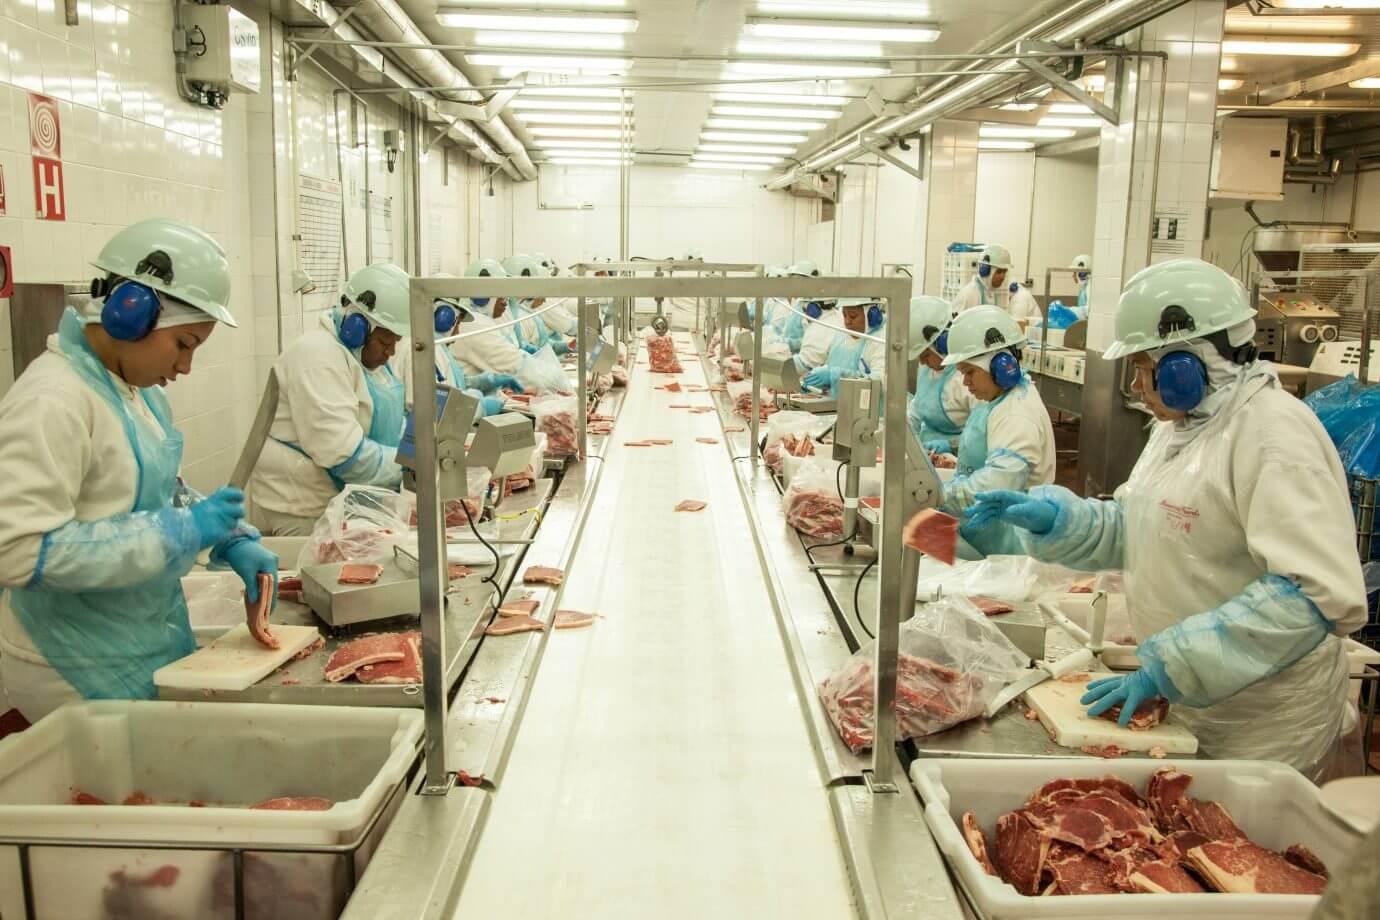 Arábia Saudita habilita oito novos frigoríficos brasileiros para exportação de carne bovina Comércio exterior